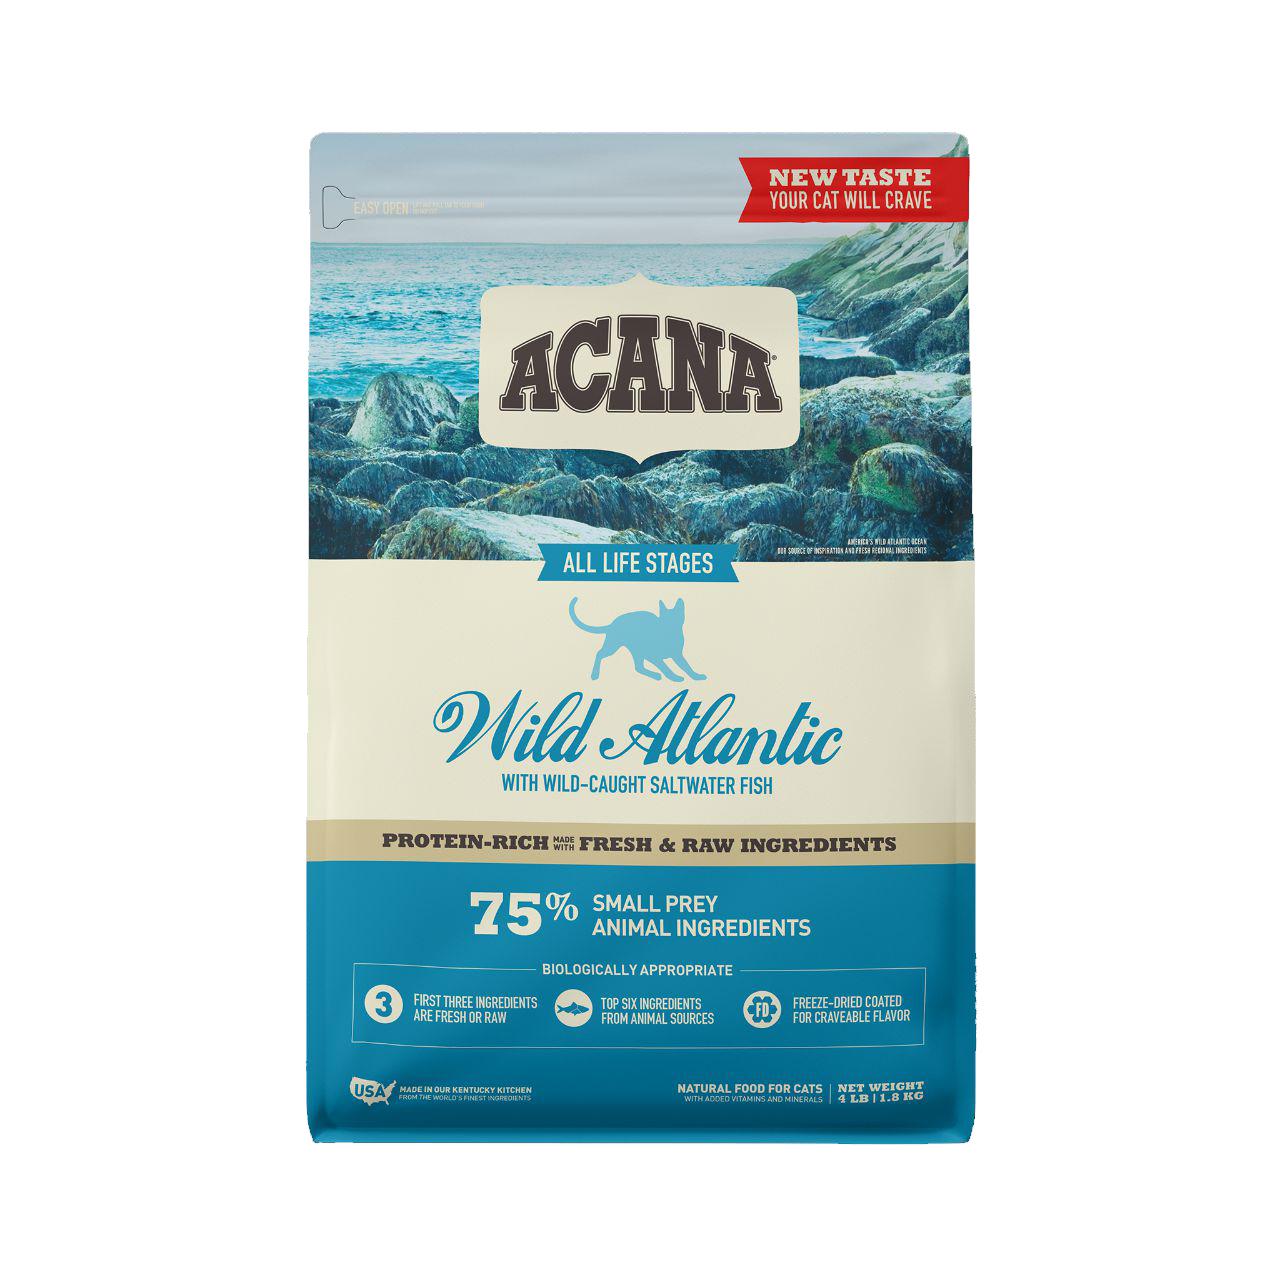 ACANA Wild Atlantic Dry Cat Food, 4-lb bag